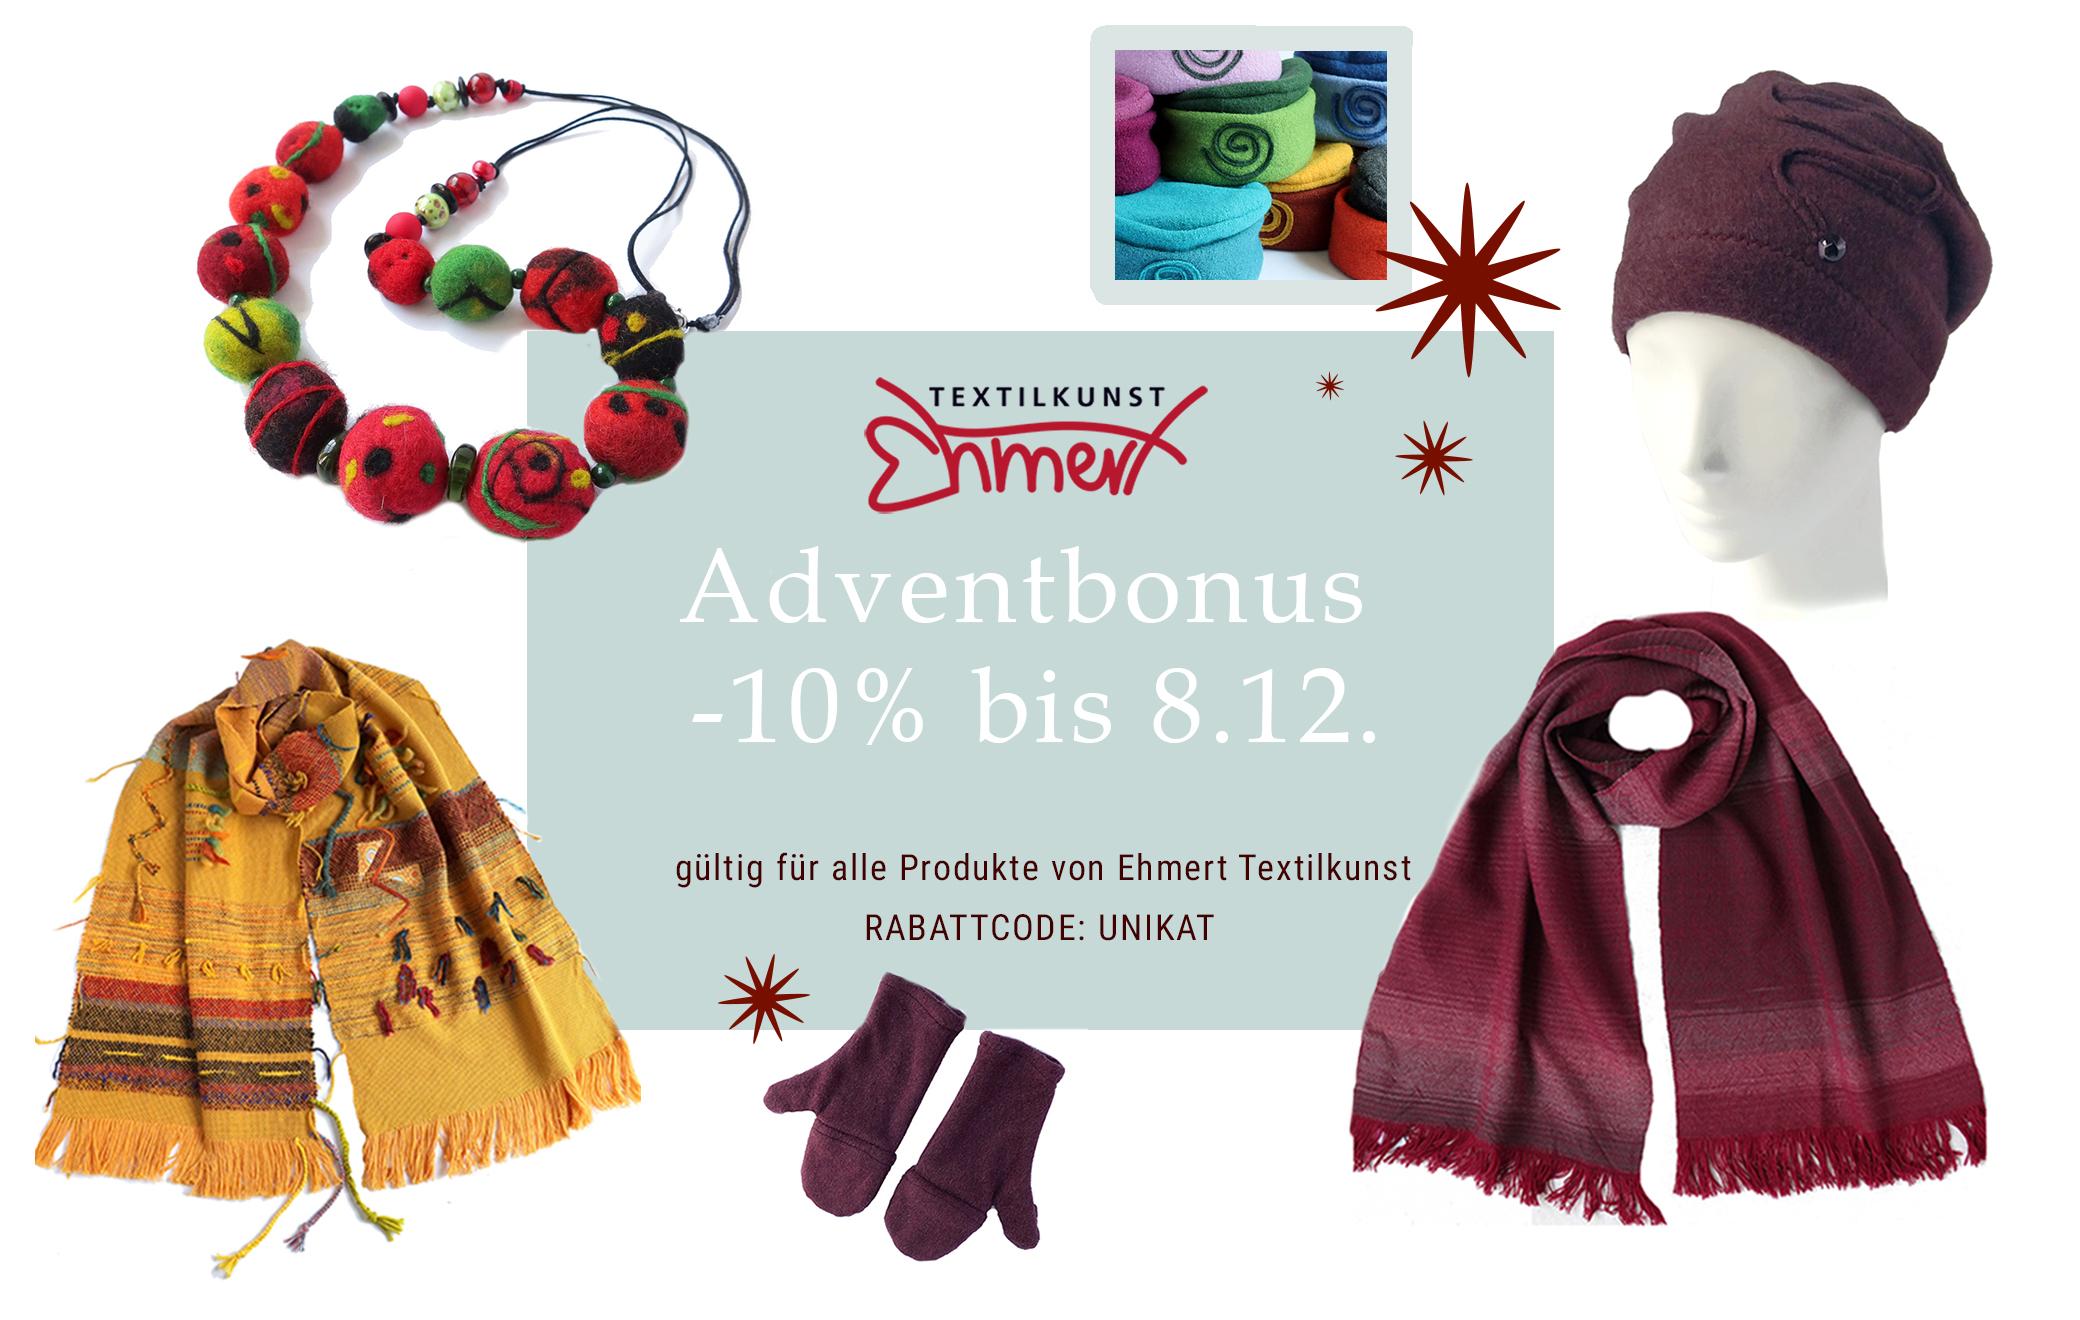 Ehmert Textilkunst: 10 % Adventbonus bis 8.12.2020